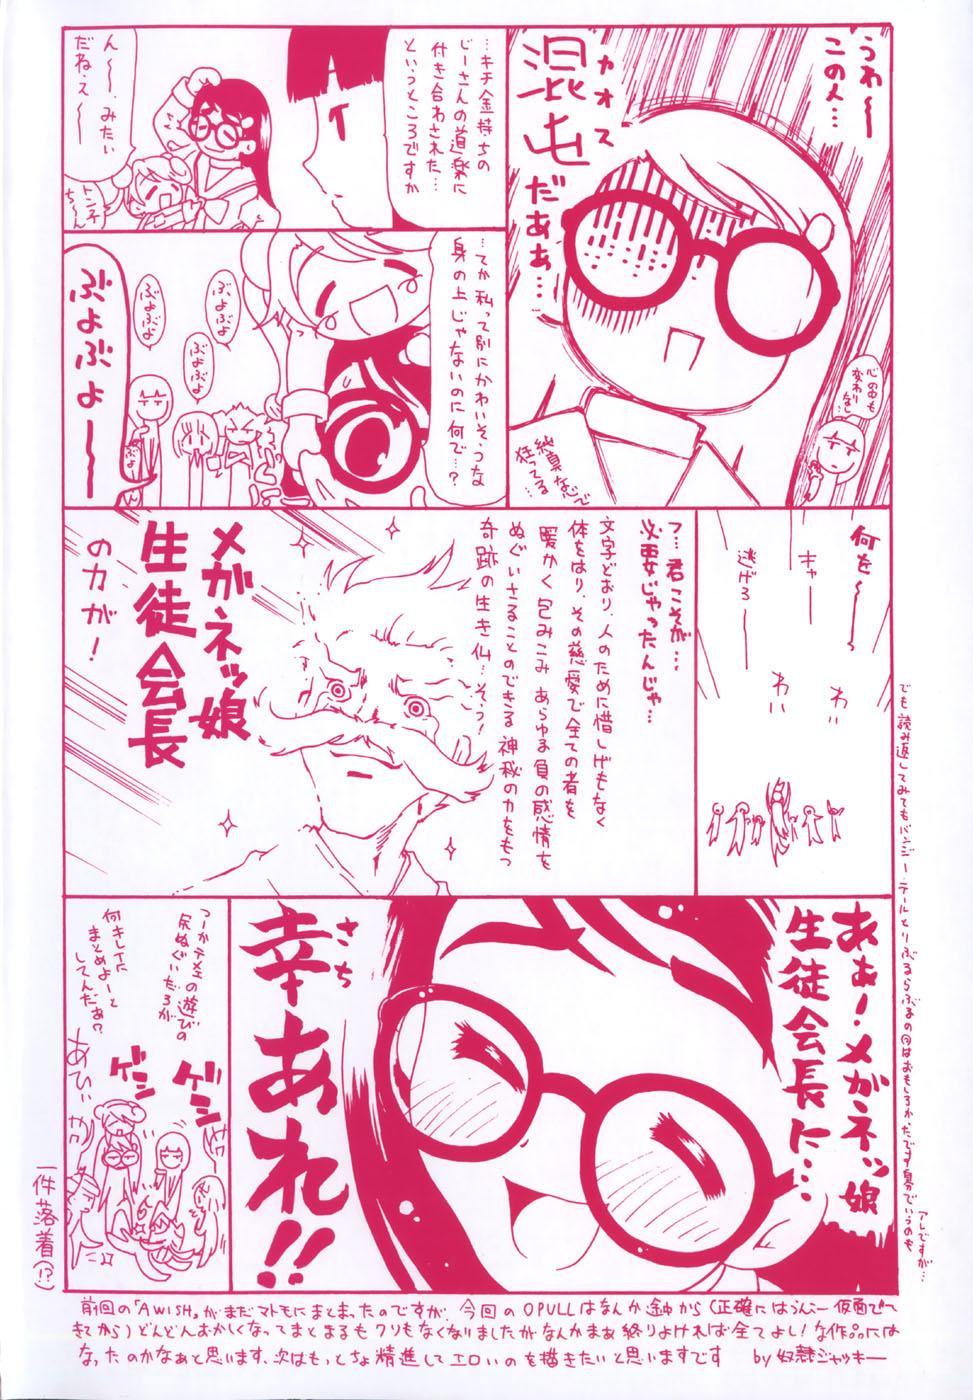 0 PULL TOWN Gakuen e Youkoso! 6